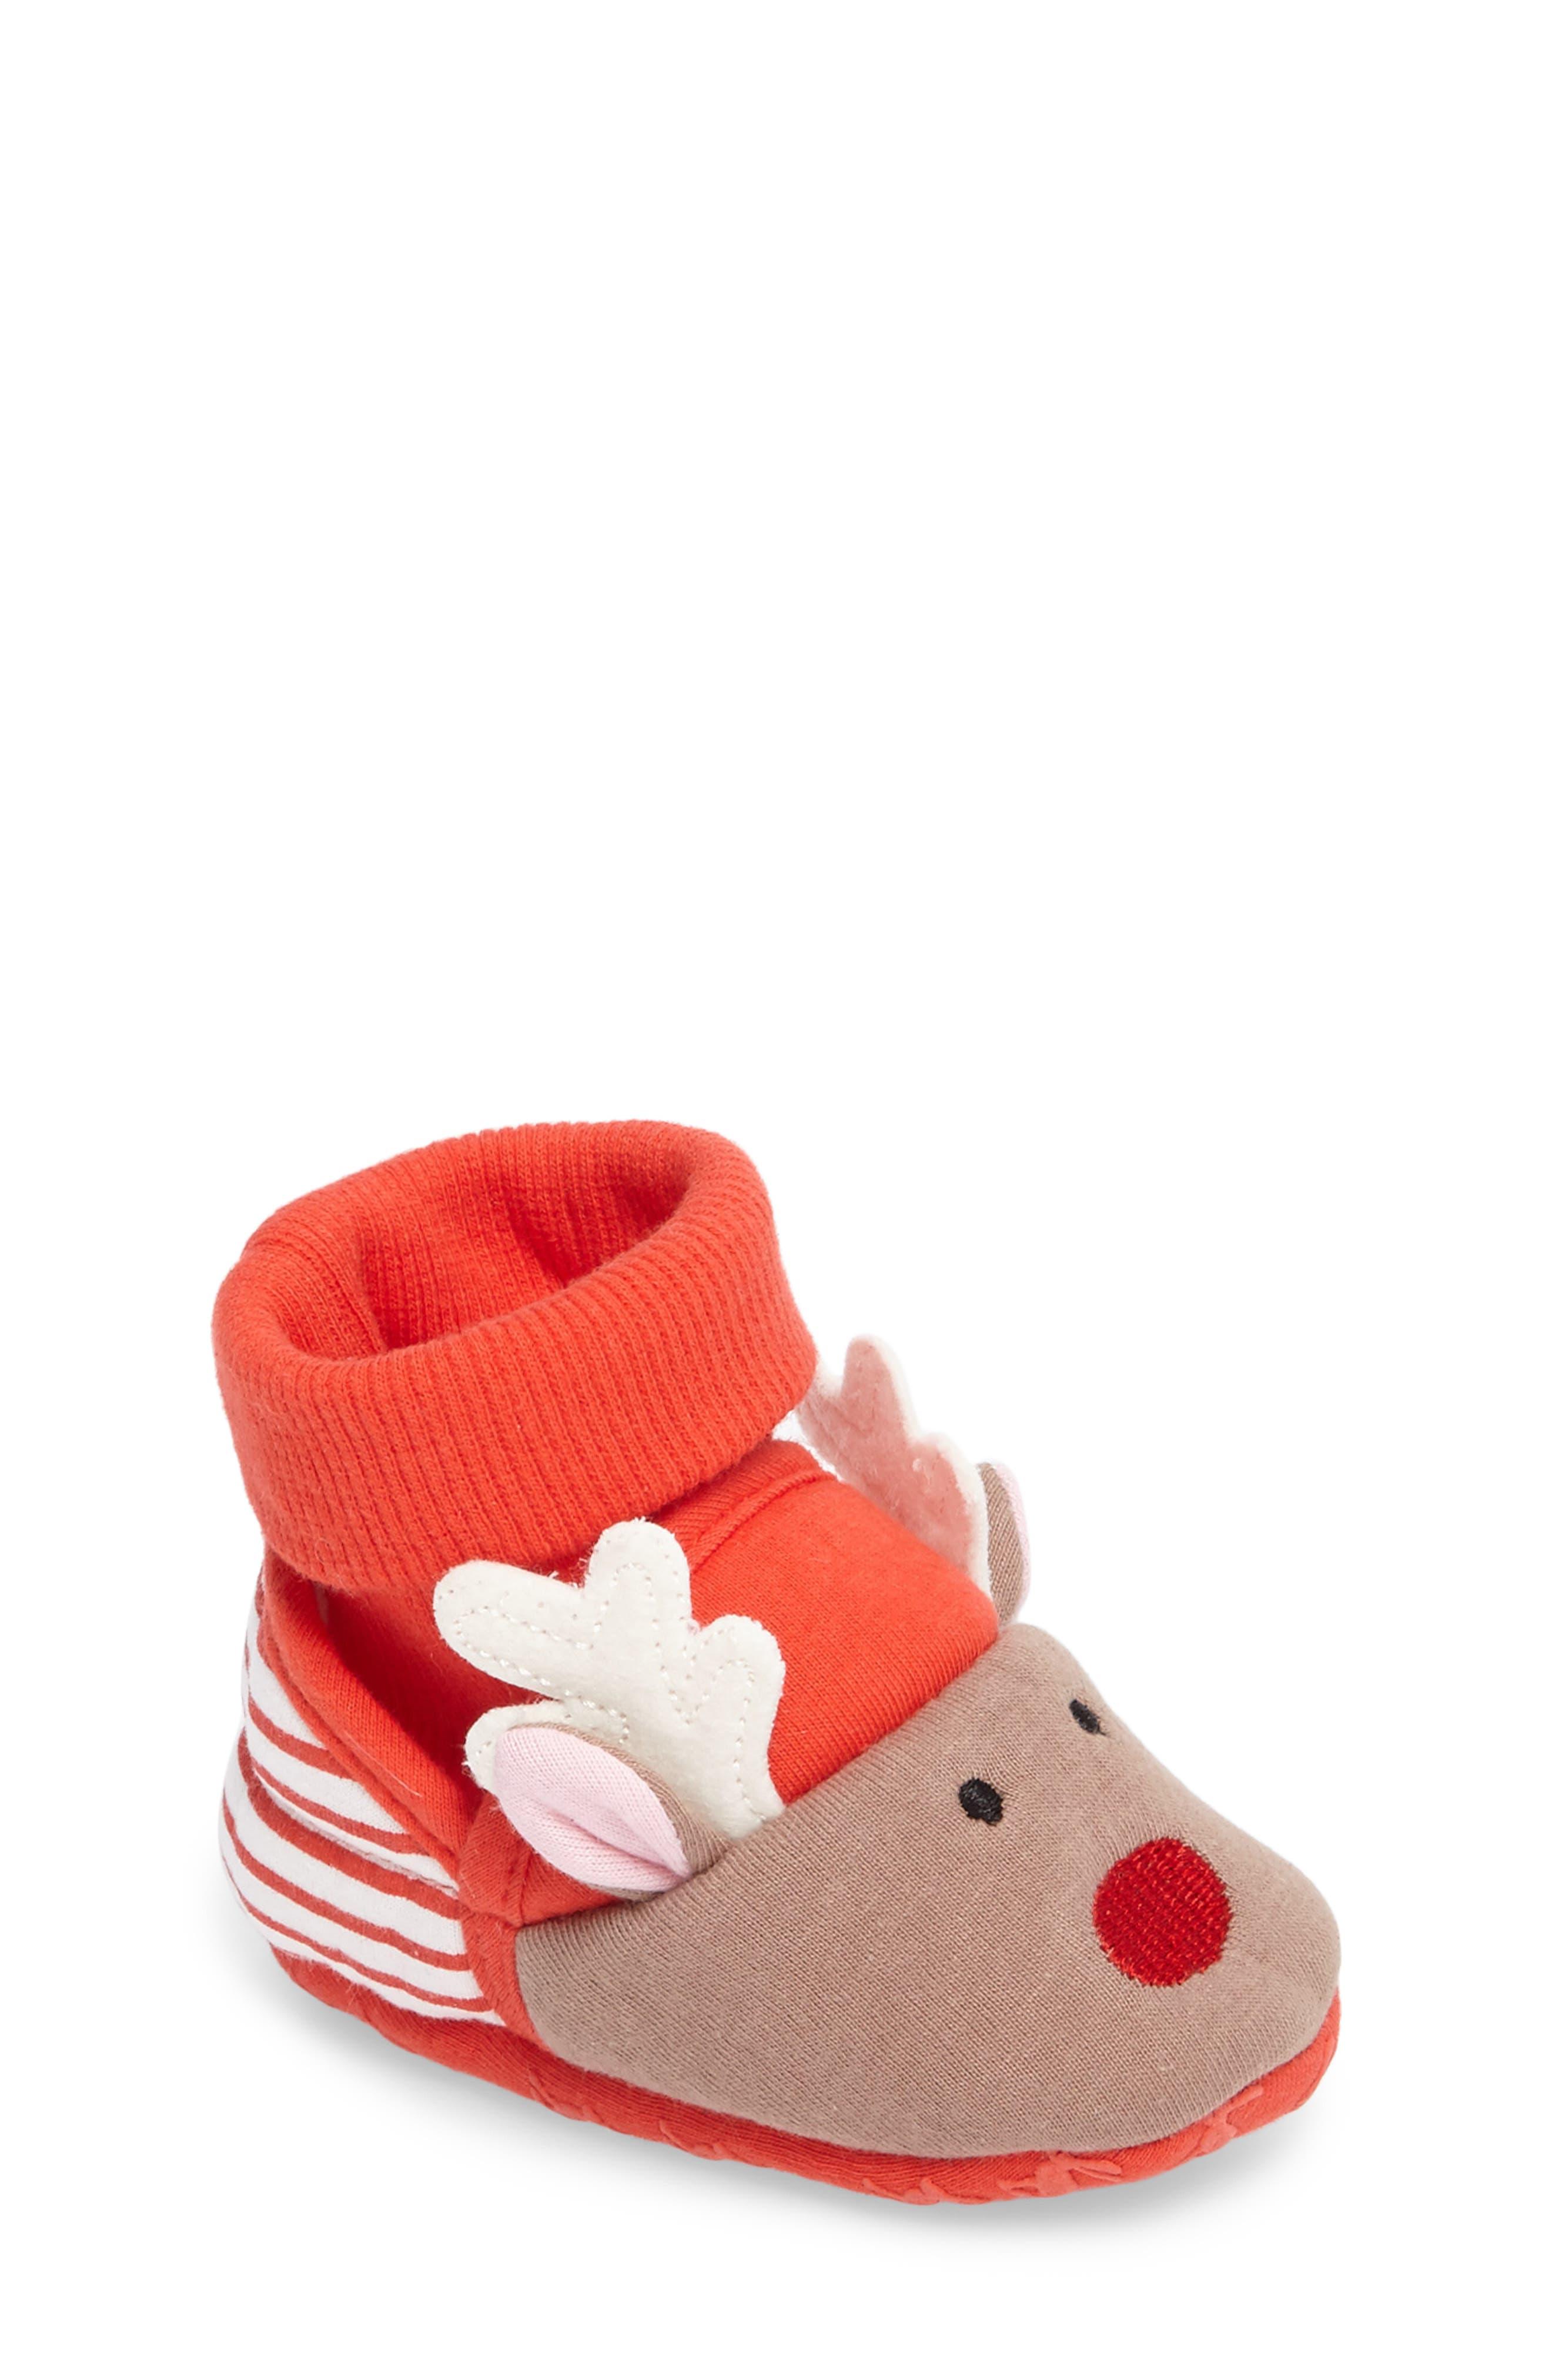 Main Image - Joules Critter Face Slipper (Toddler & Little Kid)